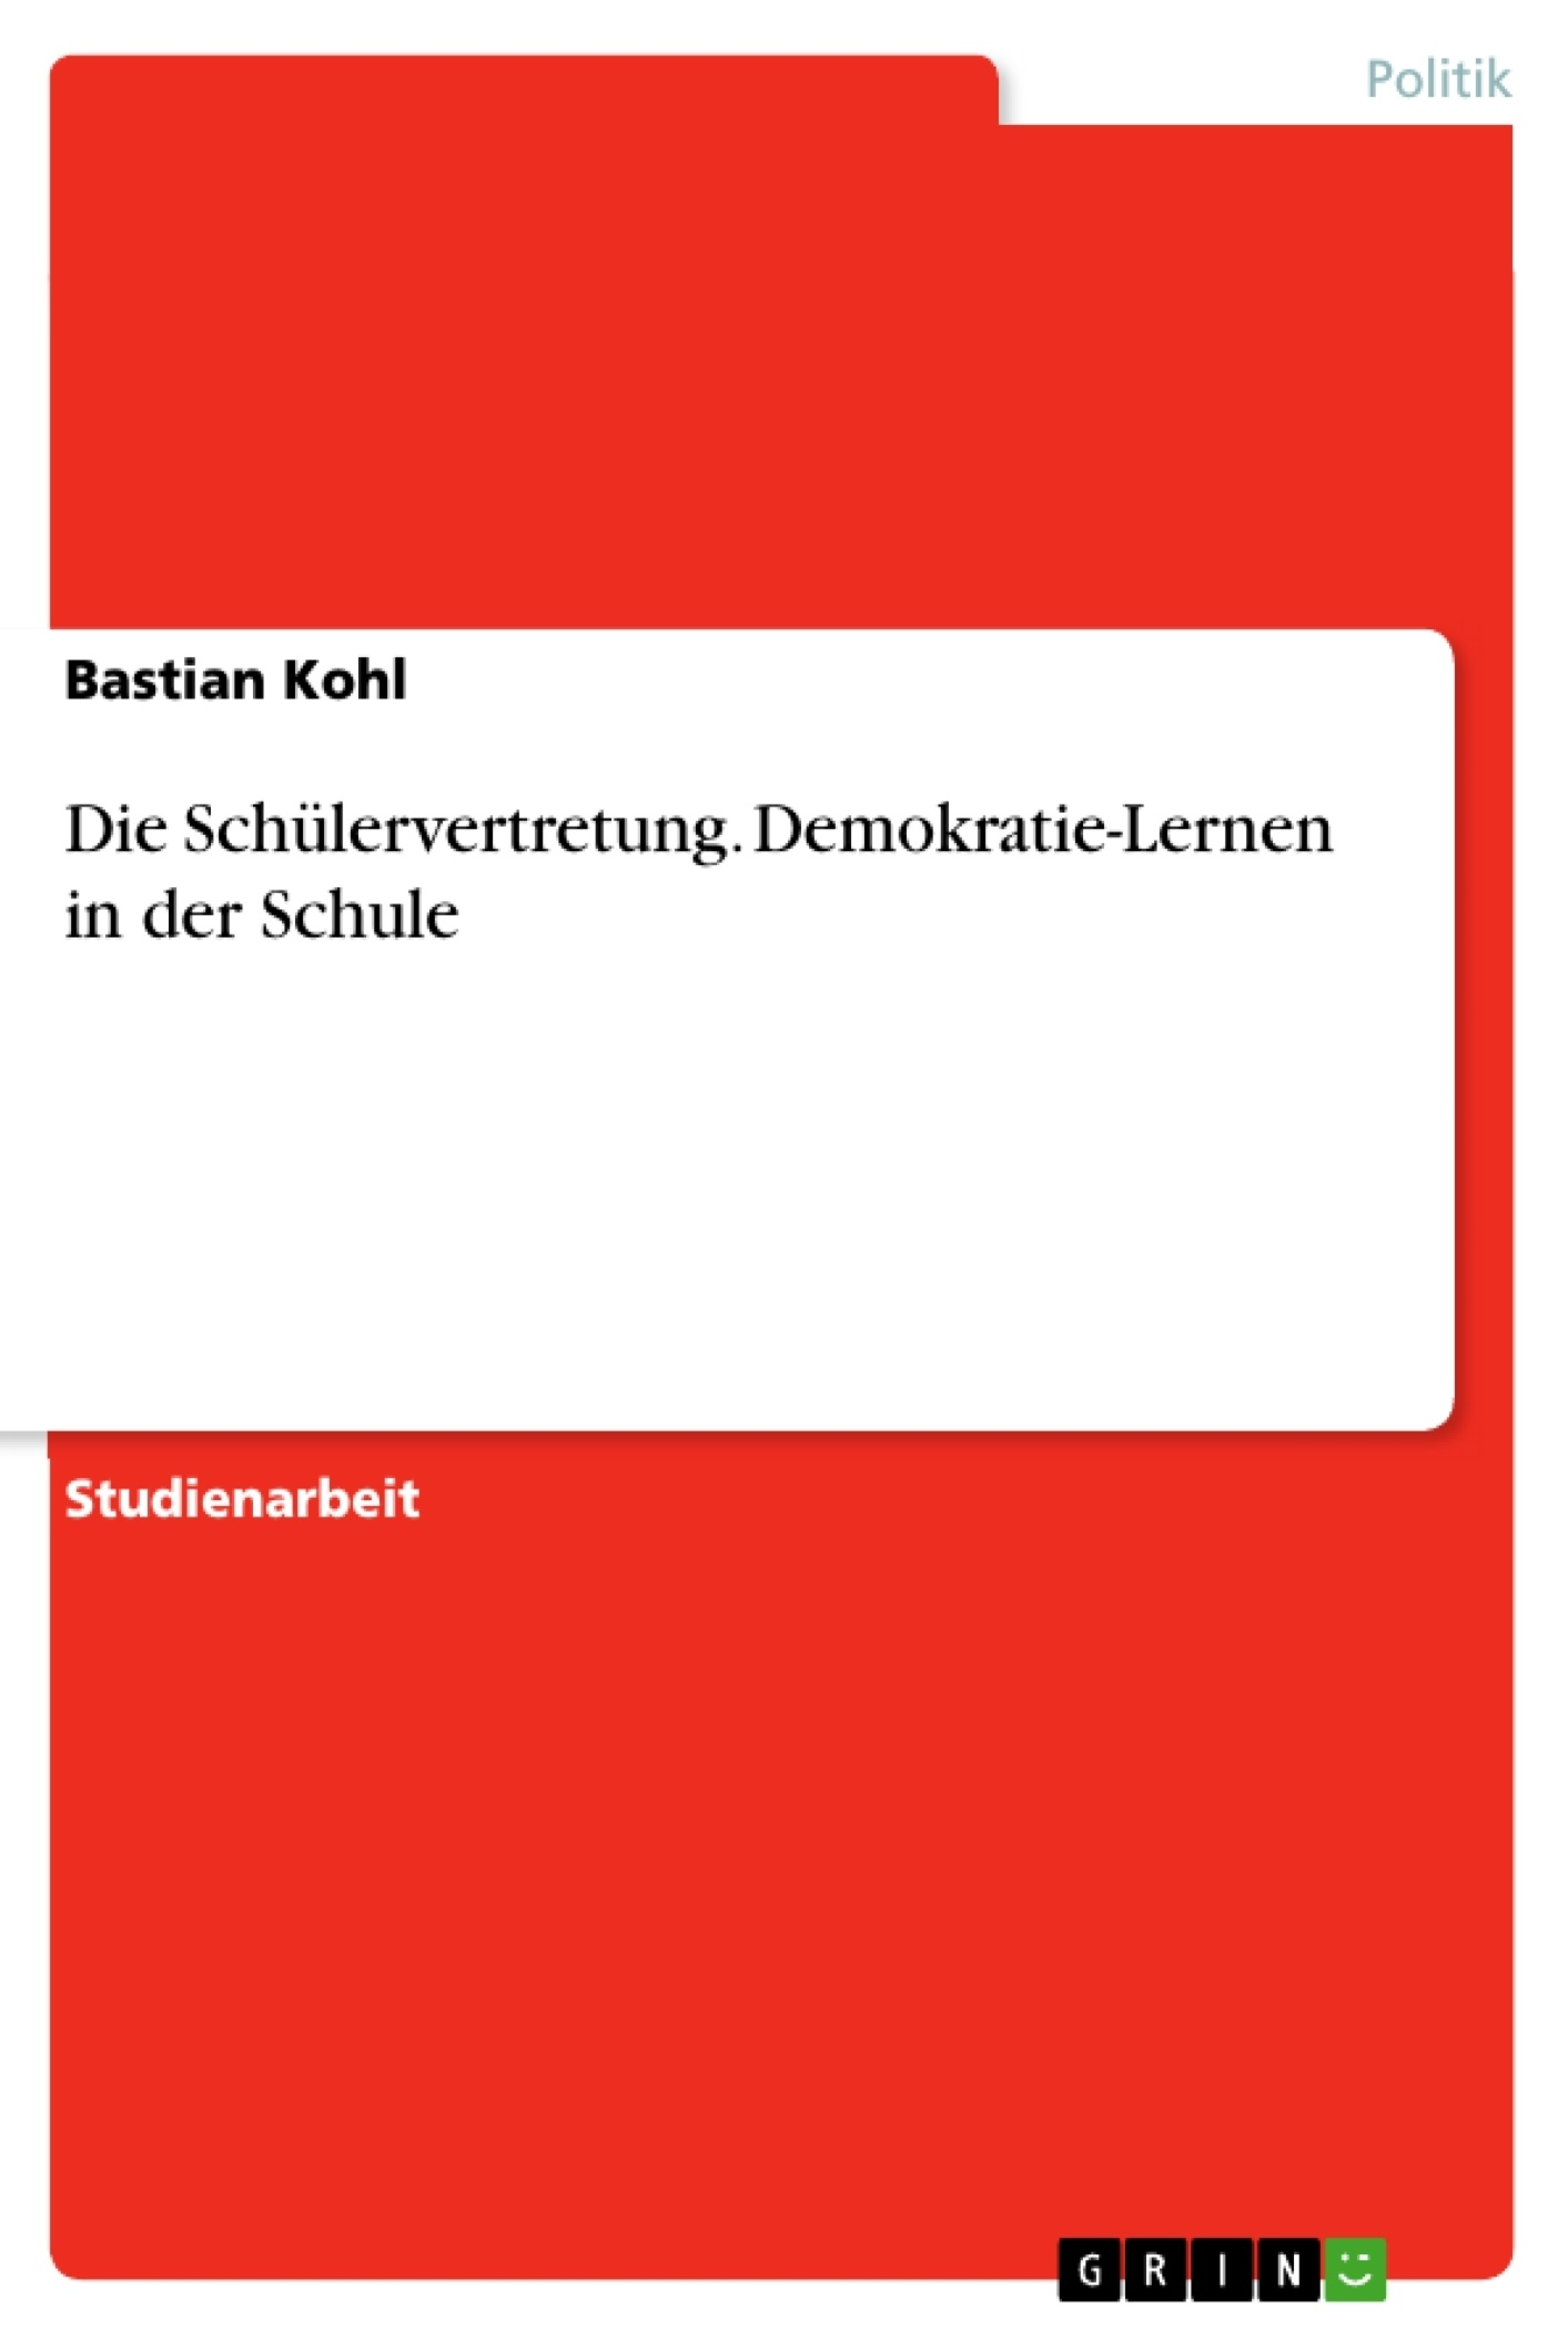 Titel: Die Schülervertretung. Demokratie-Lernen in der Schule